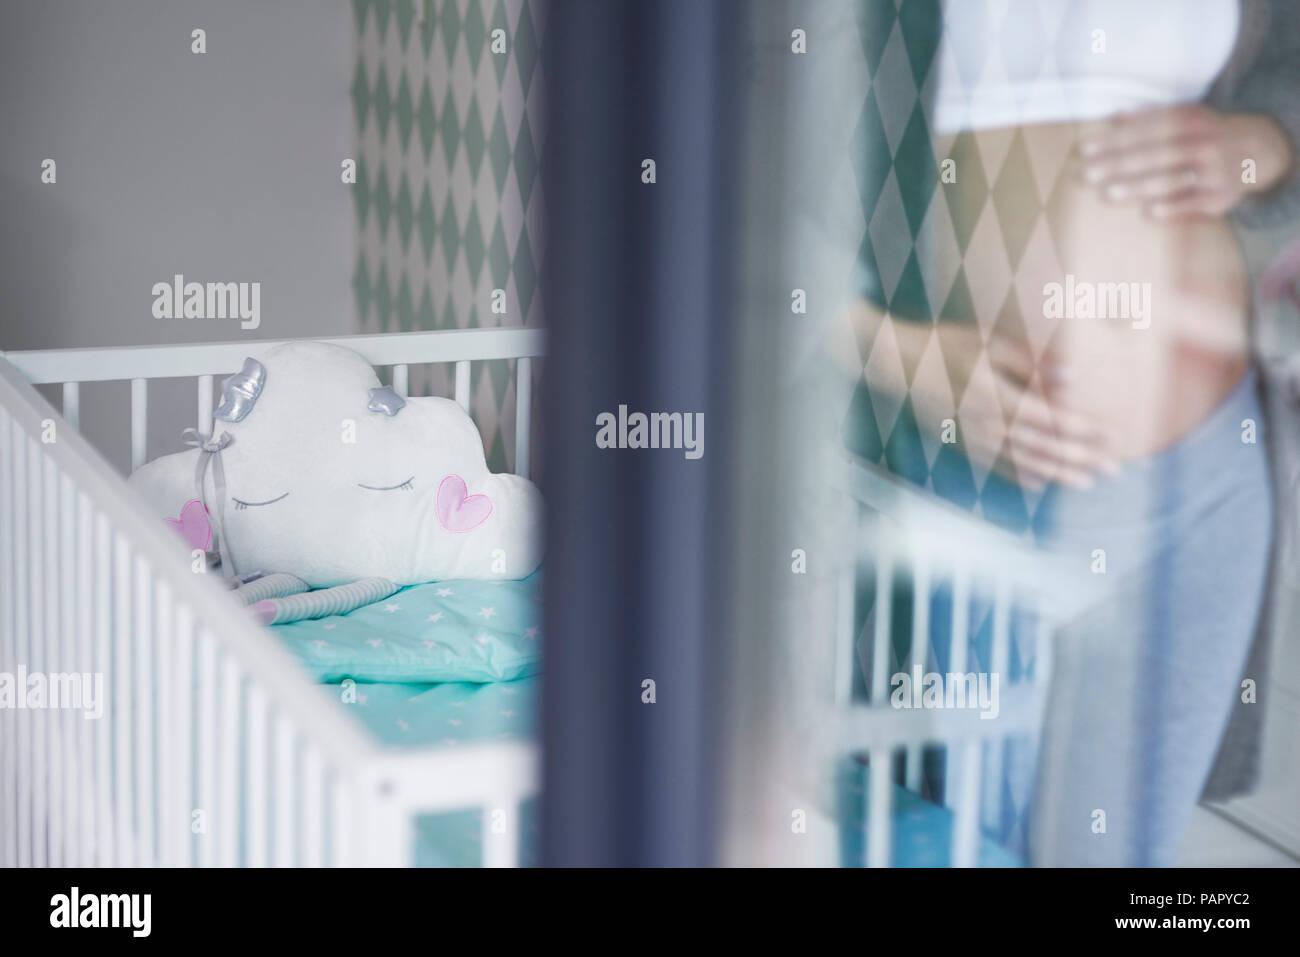 bild gespiegelt schranktür harrod's katalog schwangere frau babybett im hintergrund gespiegelt stockbild mirrored wardrobes stockfotos bilder alamy